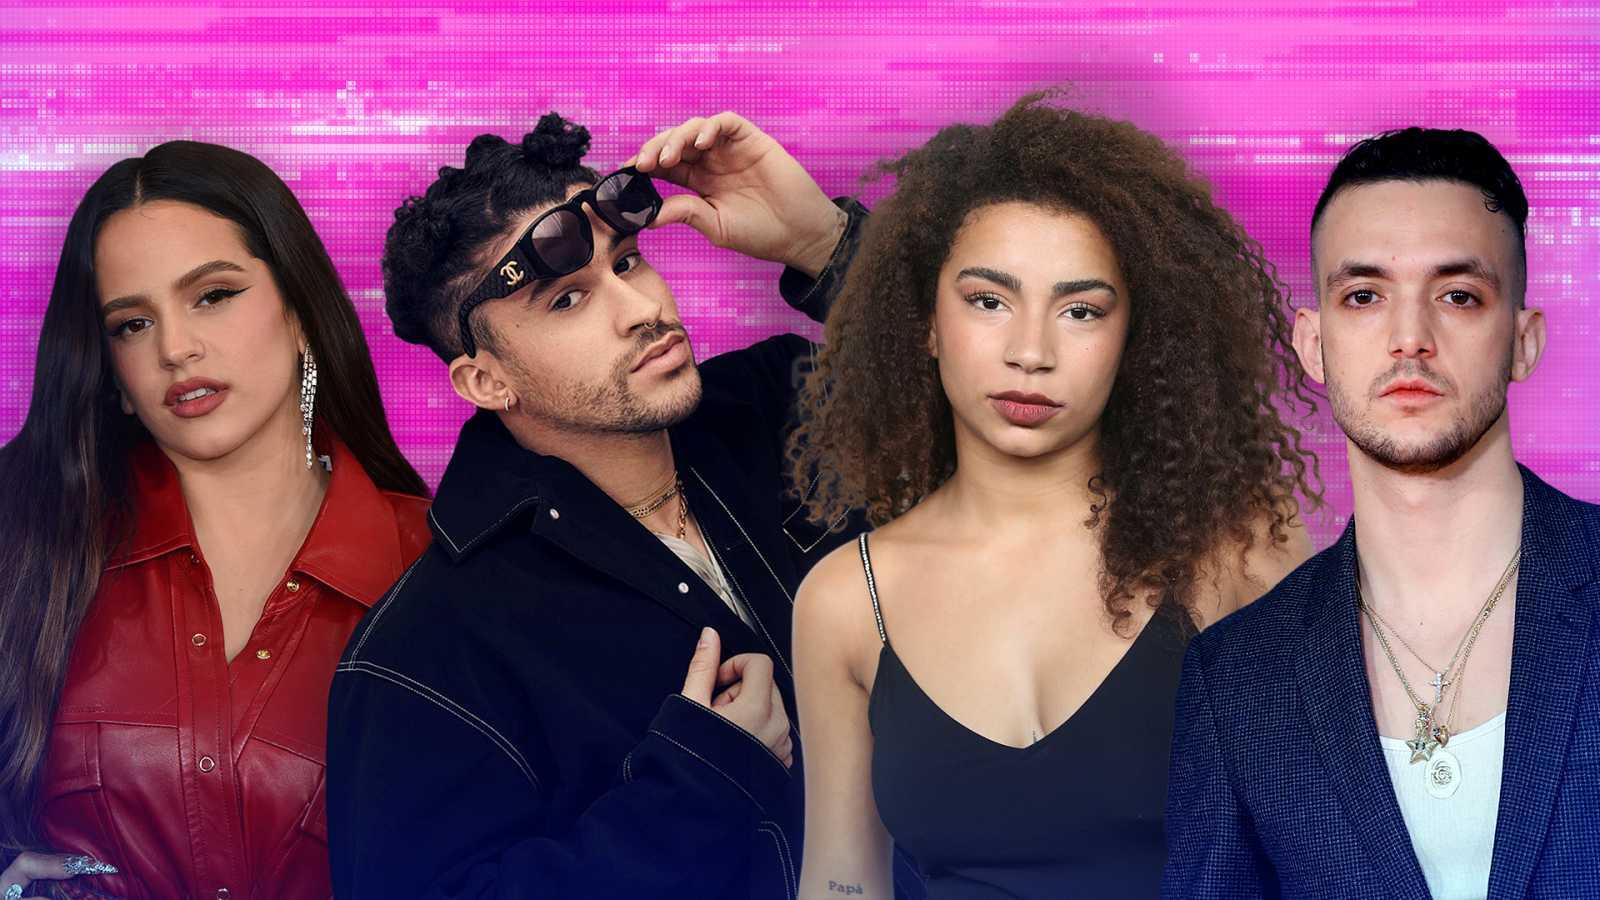 Rosalía, Deva, C. Tangana y Bad Bunny: entre las predicciones de Spotify 2021